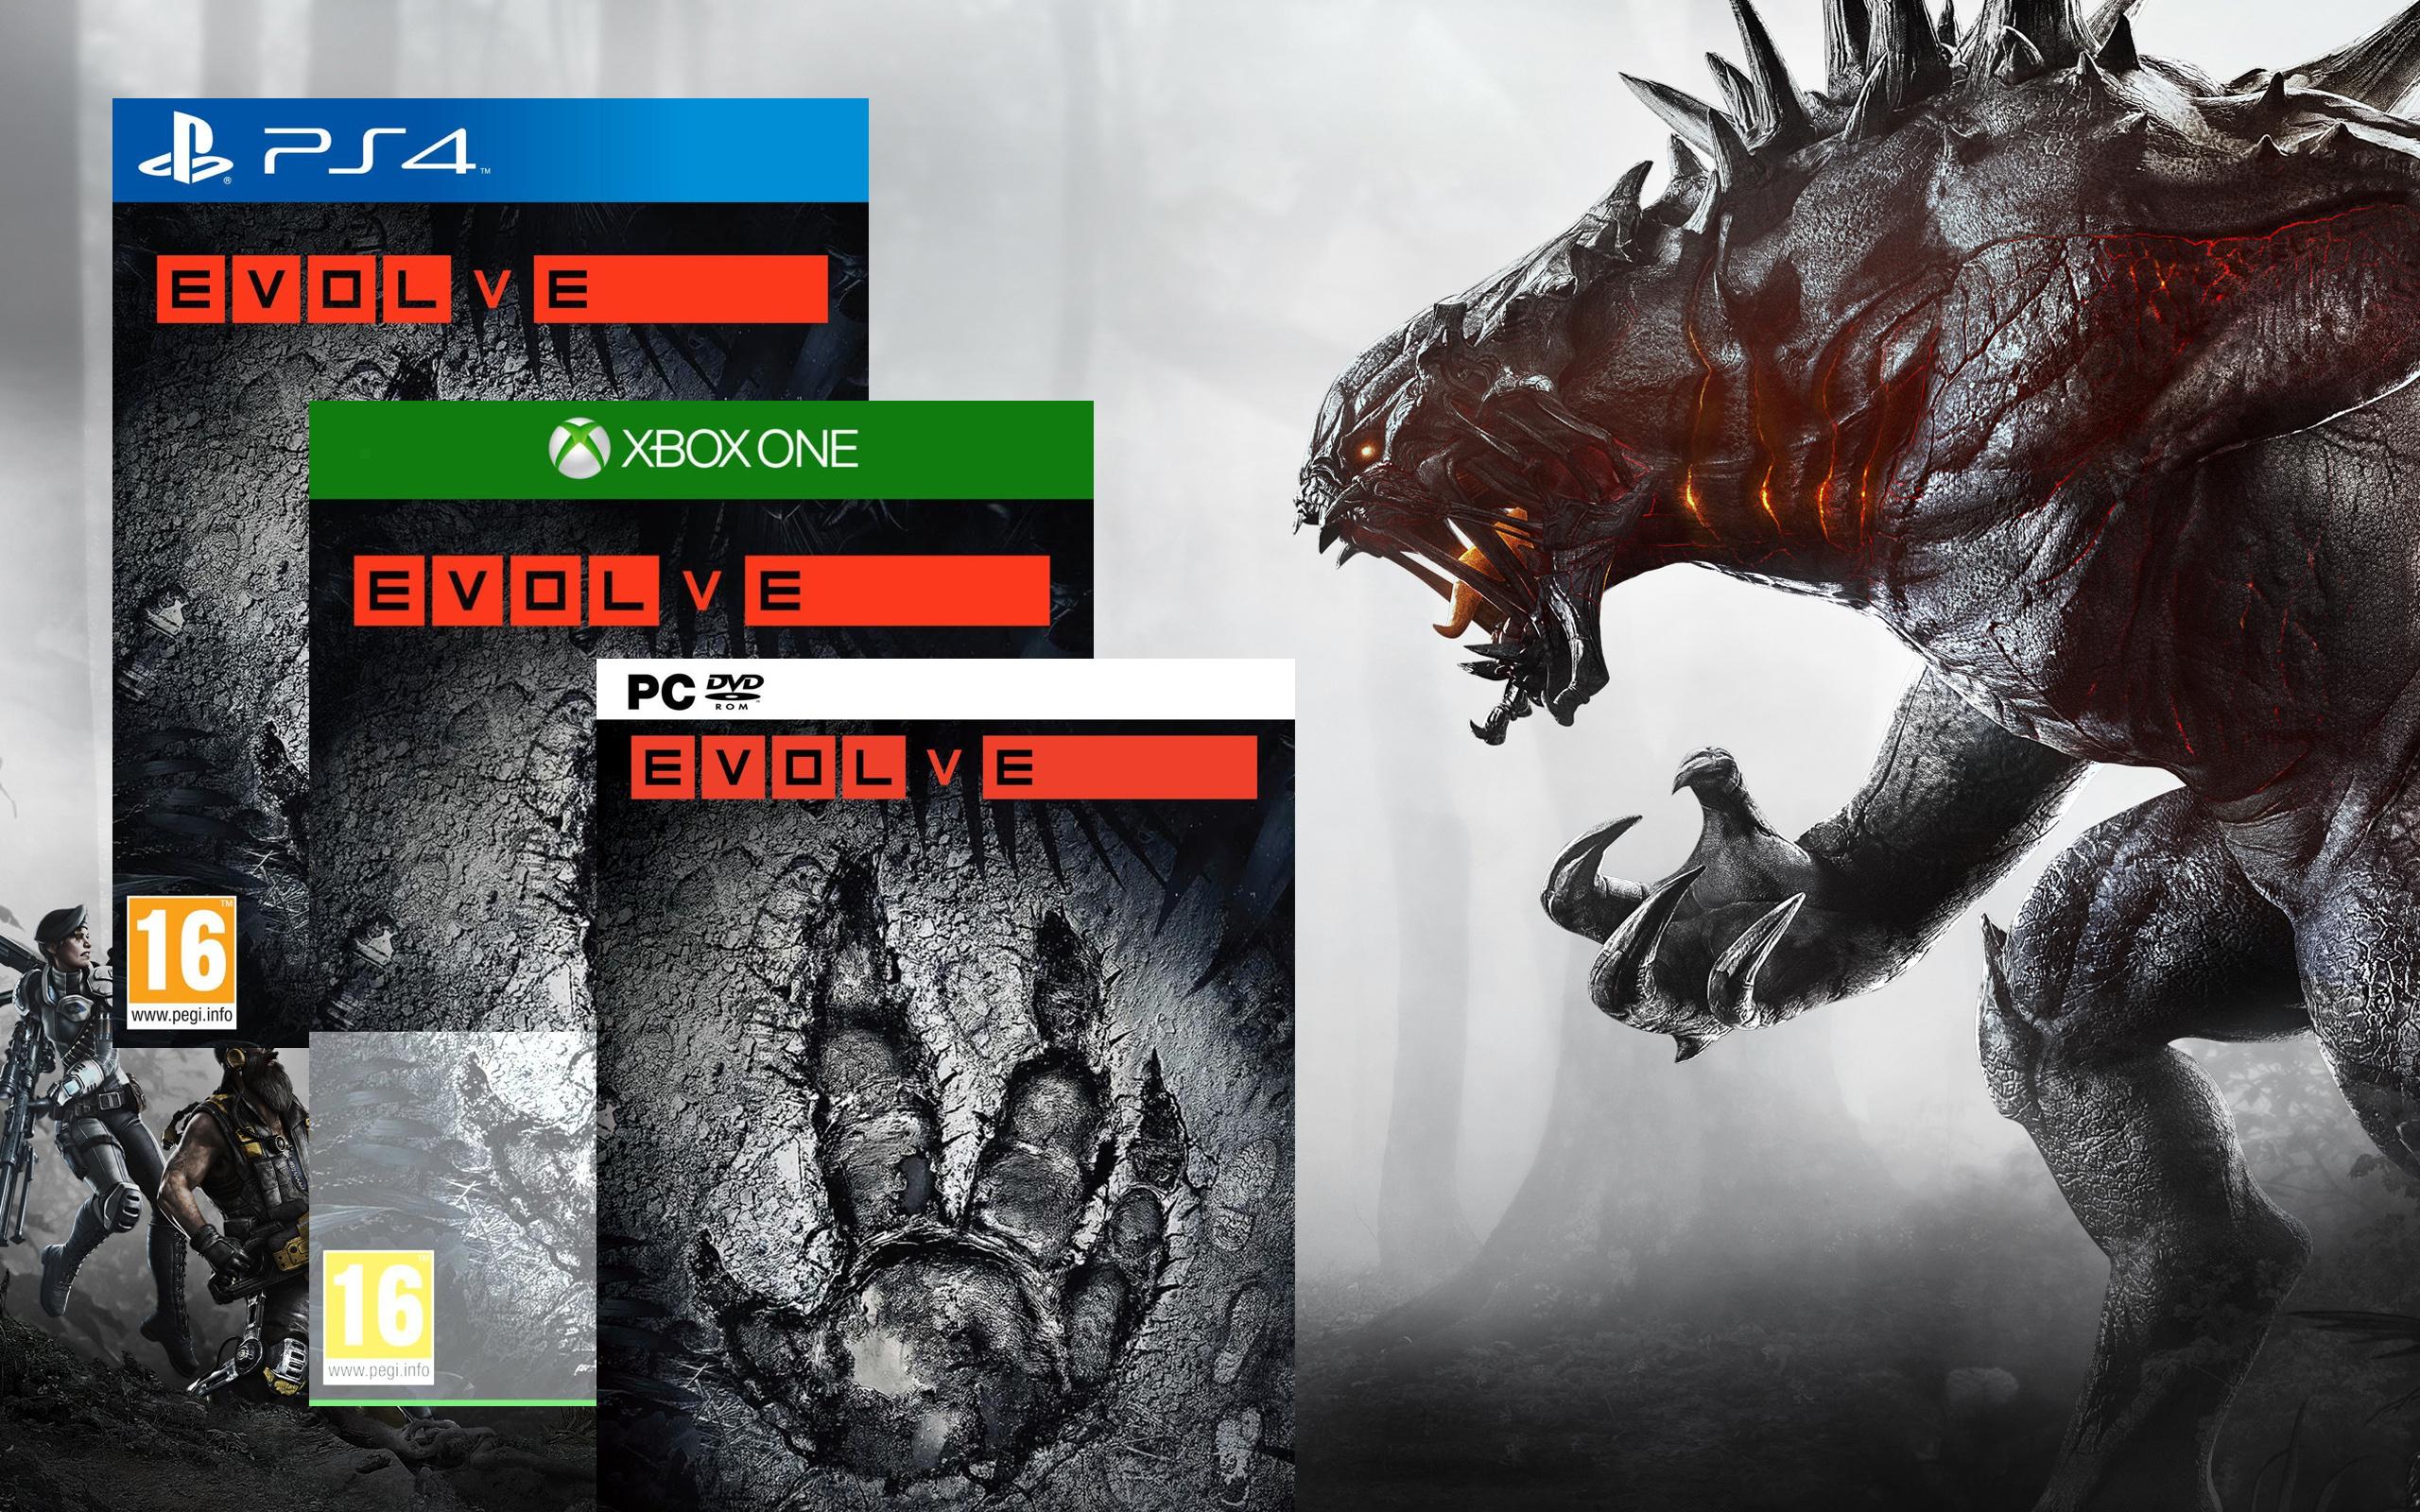 [Amazon.fr] EVOLVE (Xbox One) für 10,84 bzw. PC für 11,84€ - Ersparnis: 69%